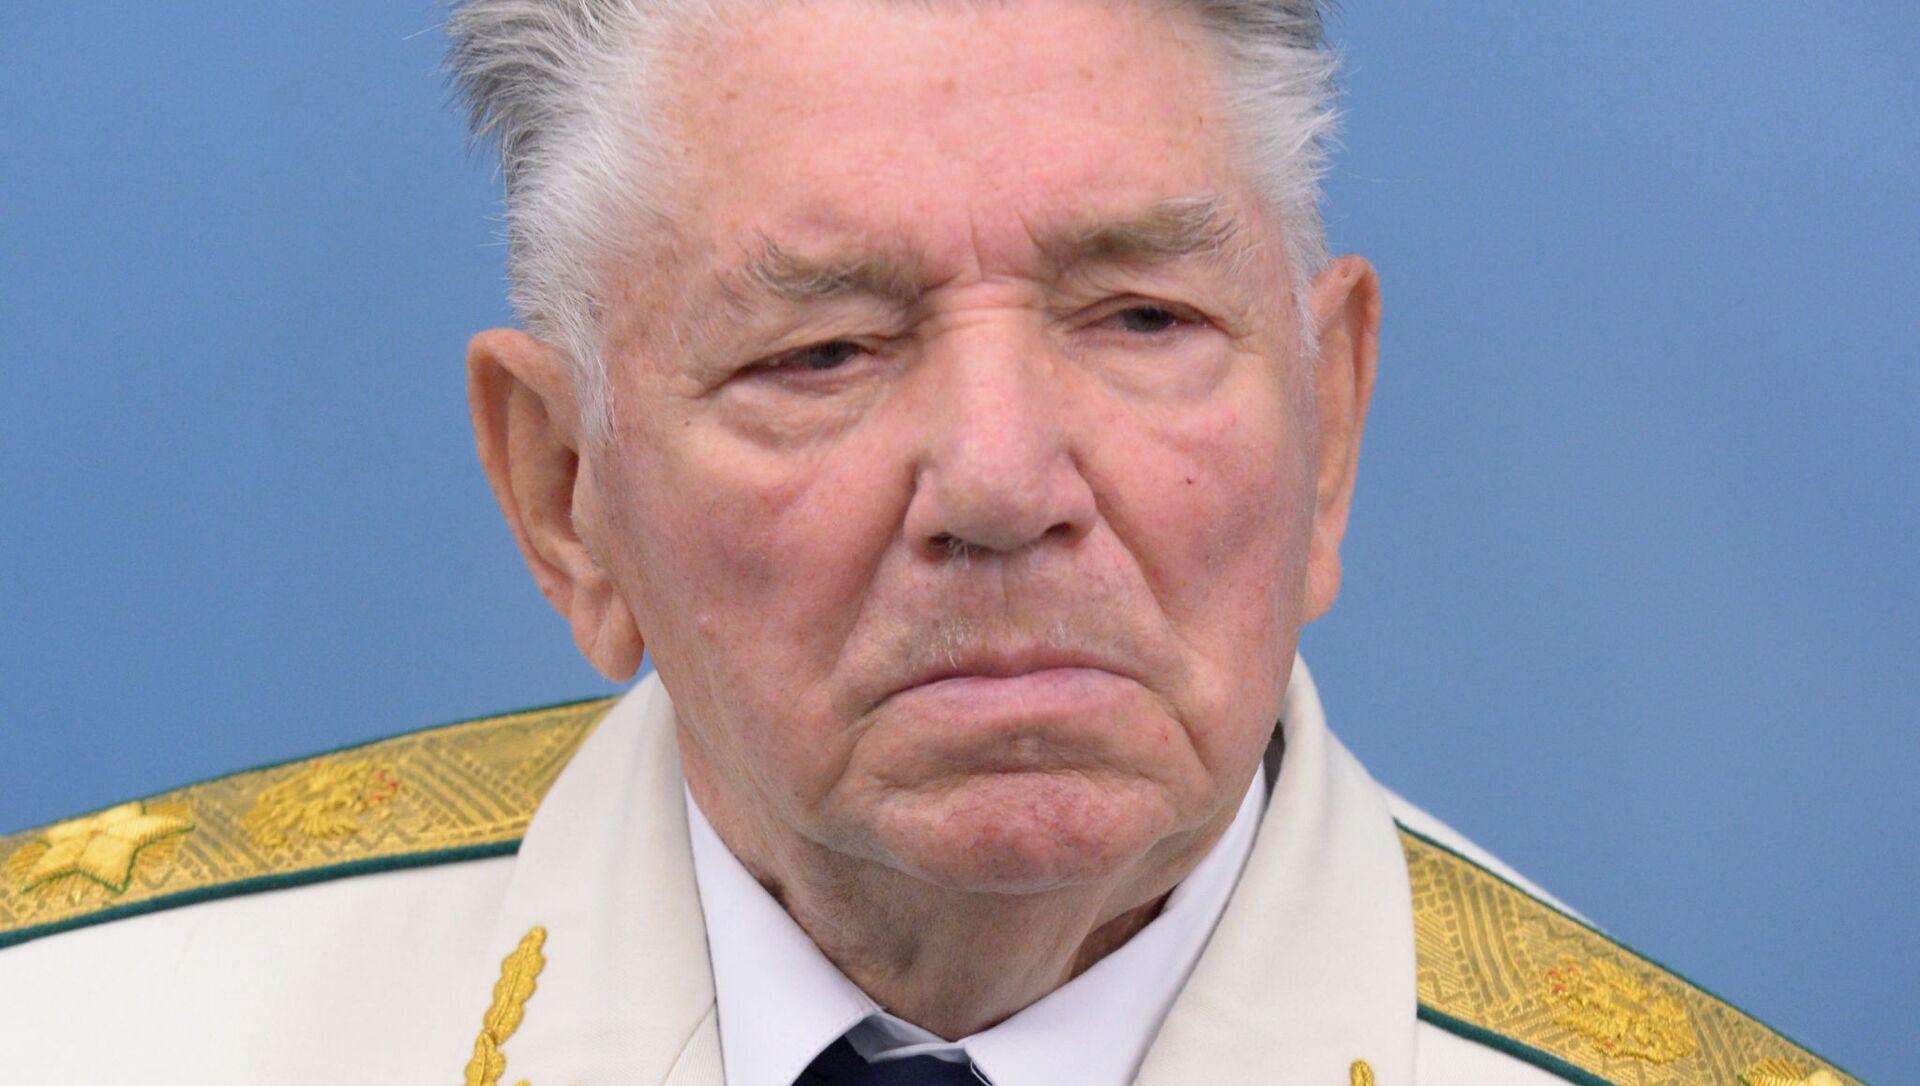 Генеральный прокурор СССР Александр Сухарев  - Sputnik Беларусь, 1920, 07.03.2021